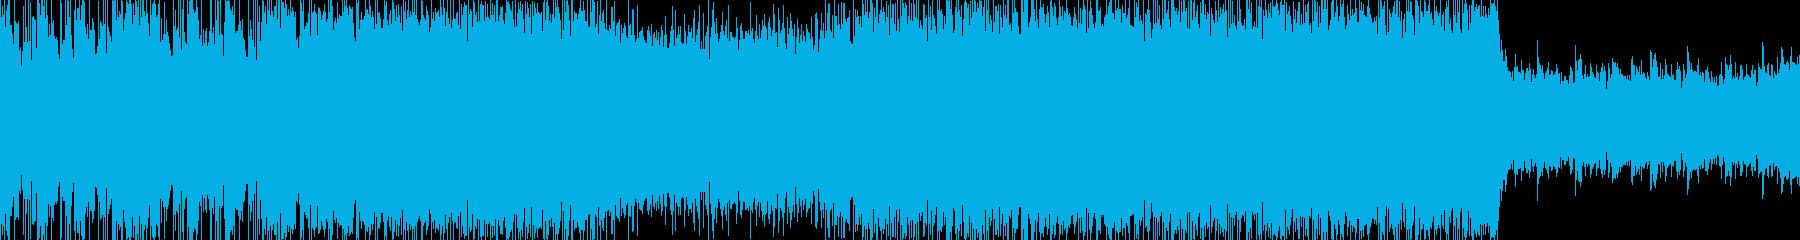 ギターソロメインのマジカルなロックループの再生済みの波形